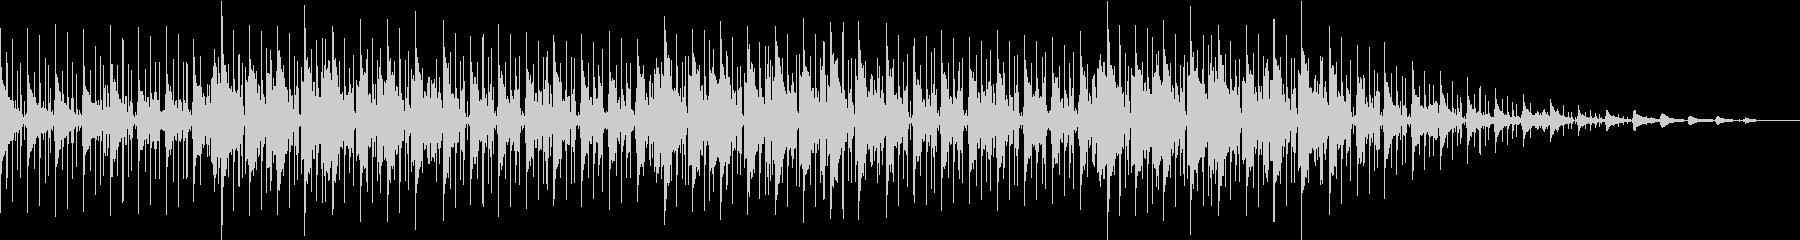 スロウジャズ:お酒のシーンに合う曲_6の未再生の波形